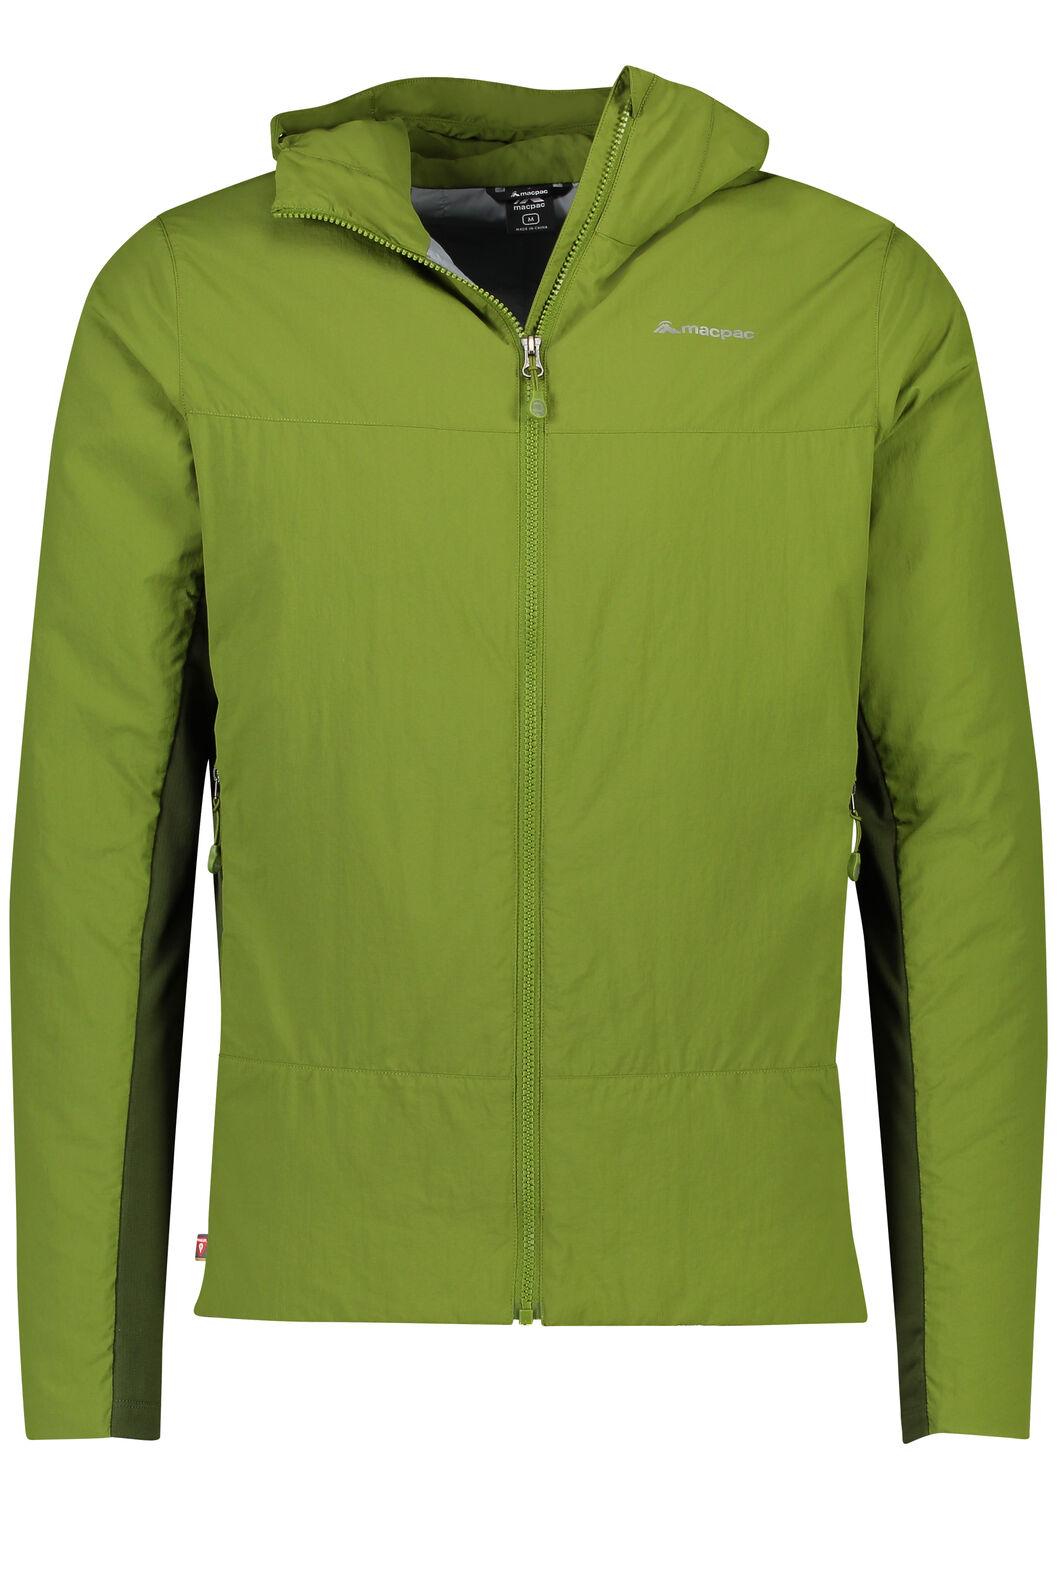 Macpac Ethos Primaloft 174 Jacket Men S Macpac